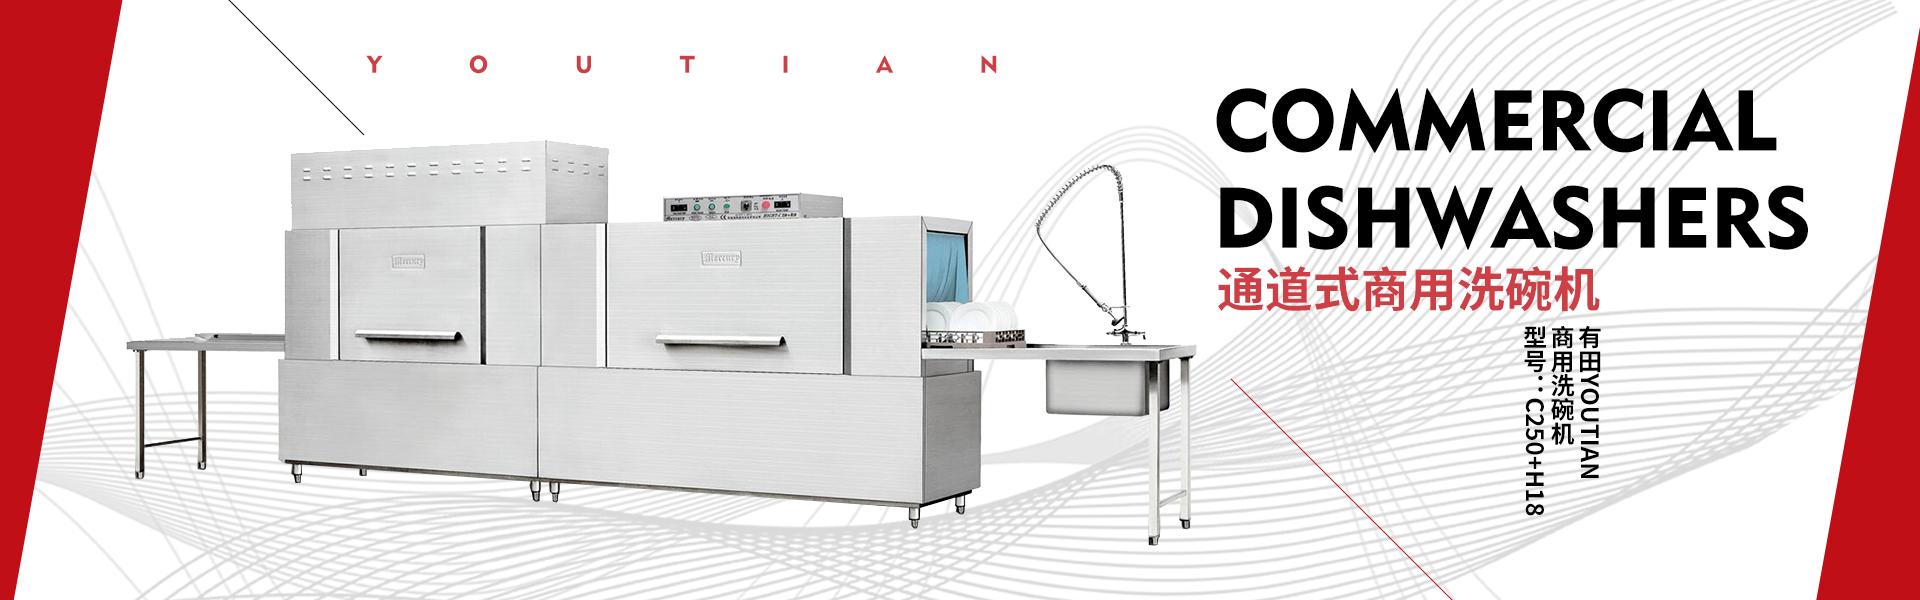 佛山有田商用厨房是一家集食堂洗碗机、酒店洗碗机、商用自动洗碗机的厂家